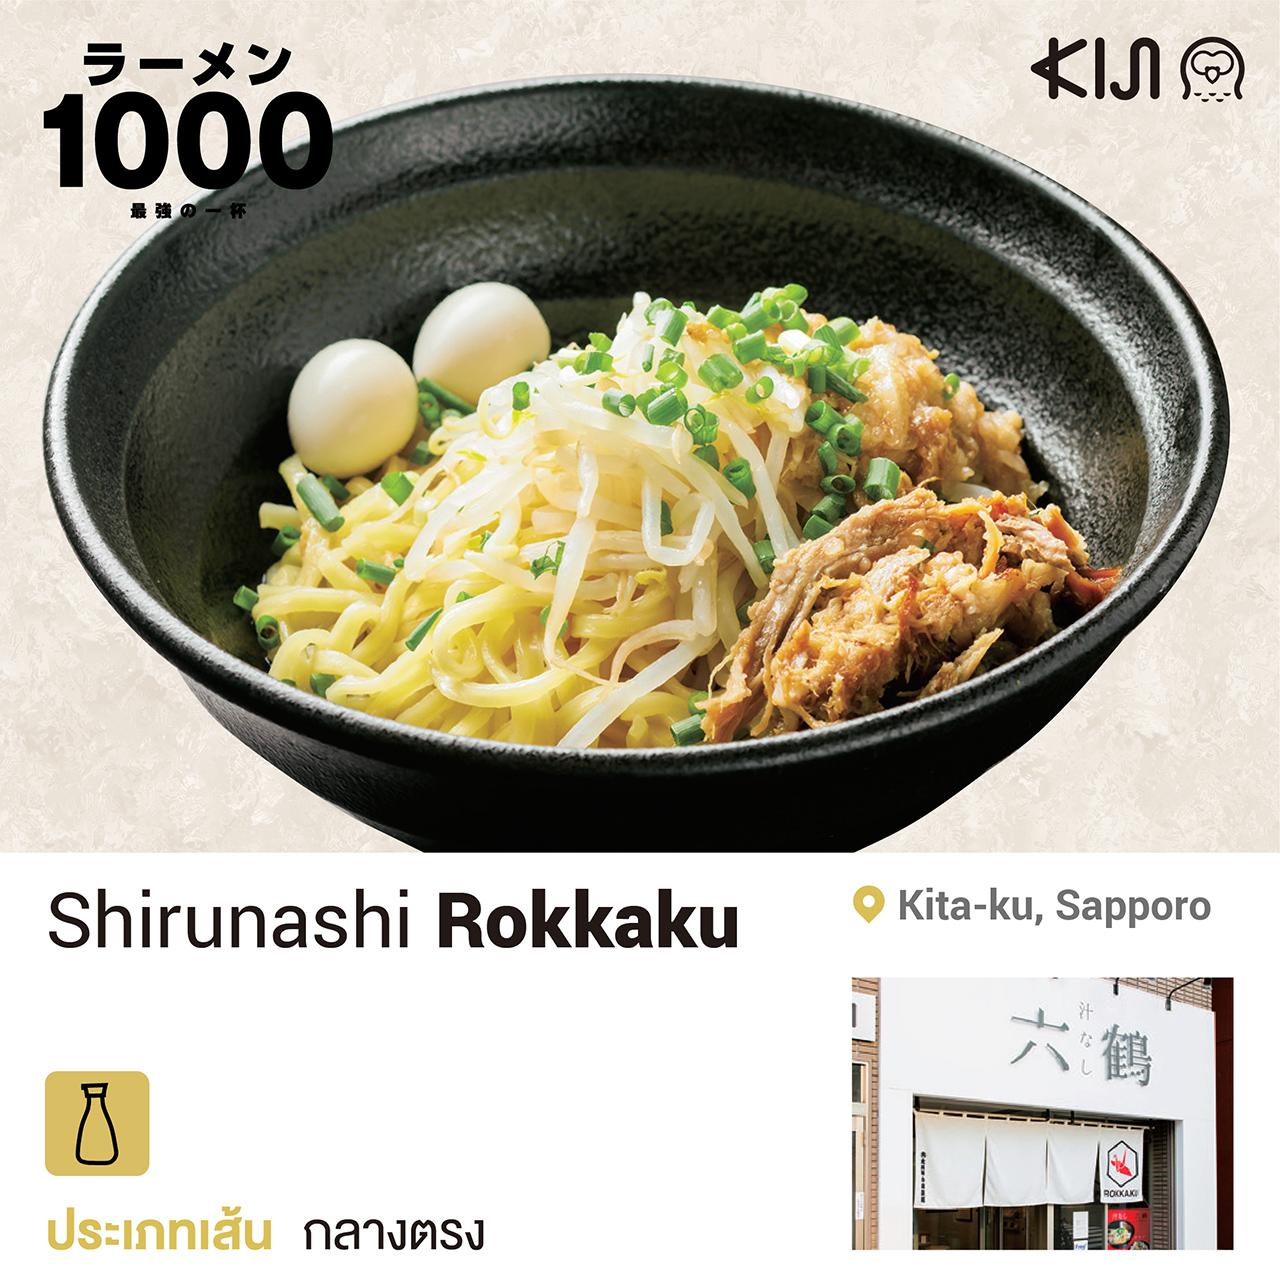 ร้านราเมน เขตคิตะ เมืองซัปโปโร จ.ฮอกไกโด - Shirunashi Rokkaku